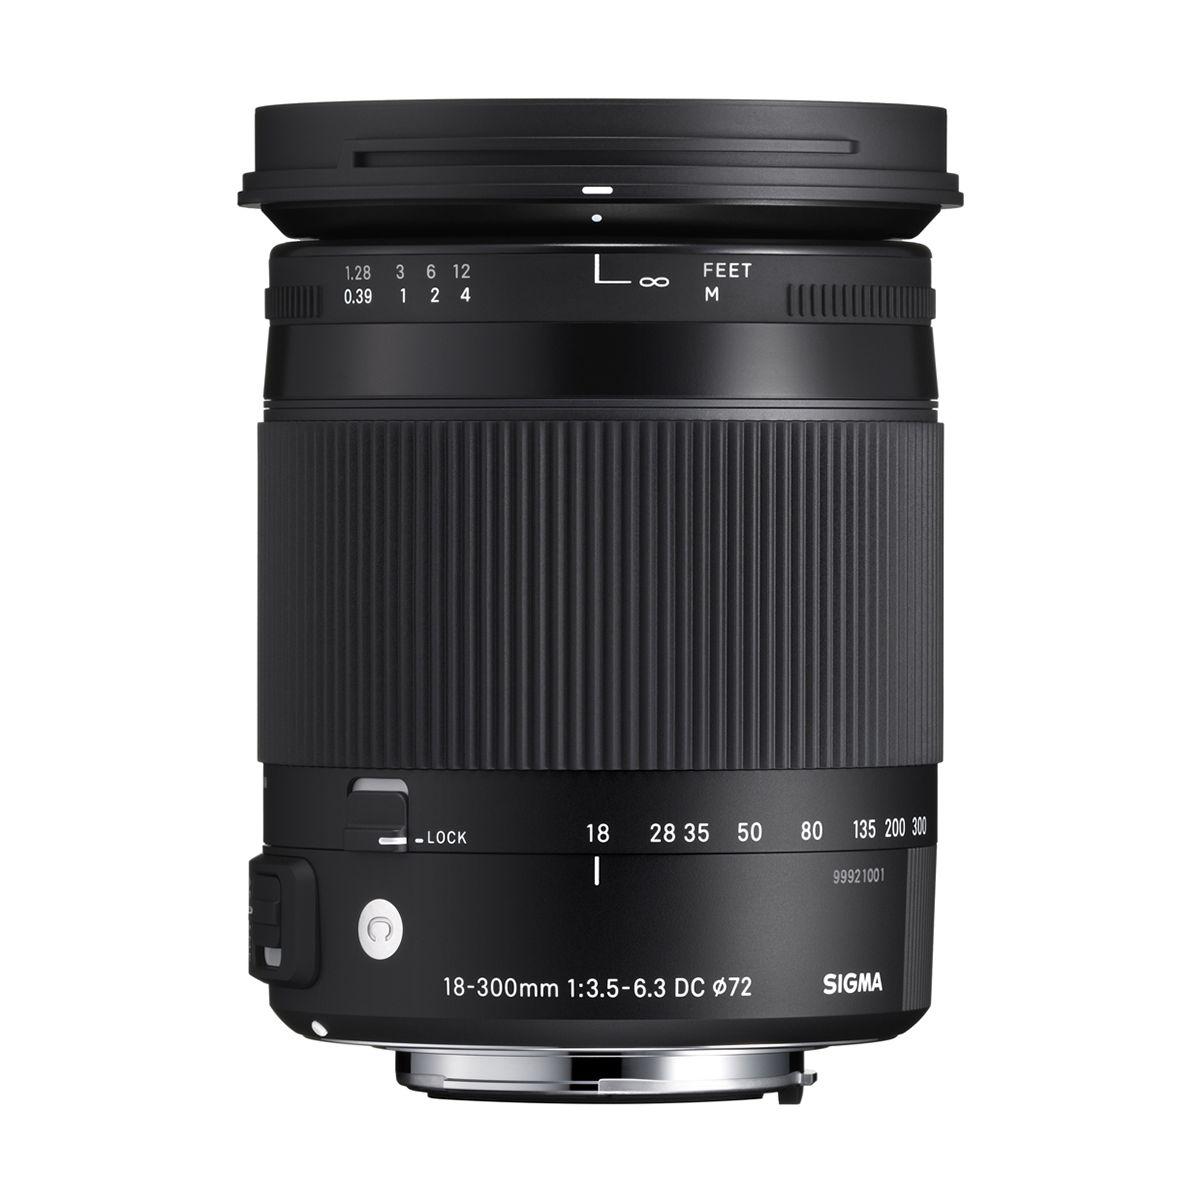 Objectif pour reflex sigma 18-300mm f/3.5-6.3 macro dc hsm sony